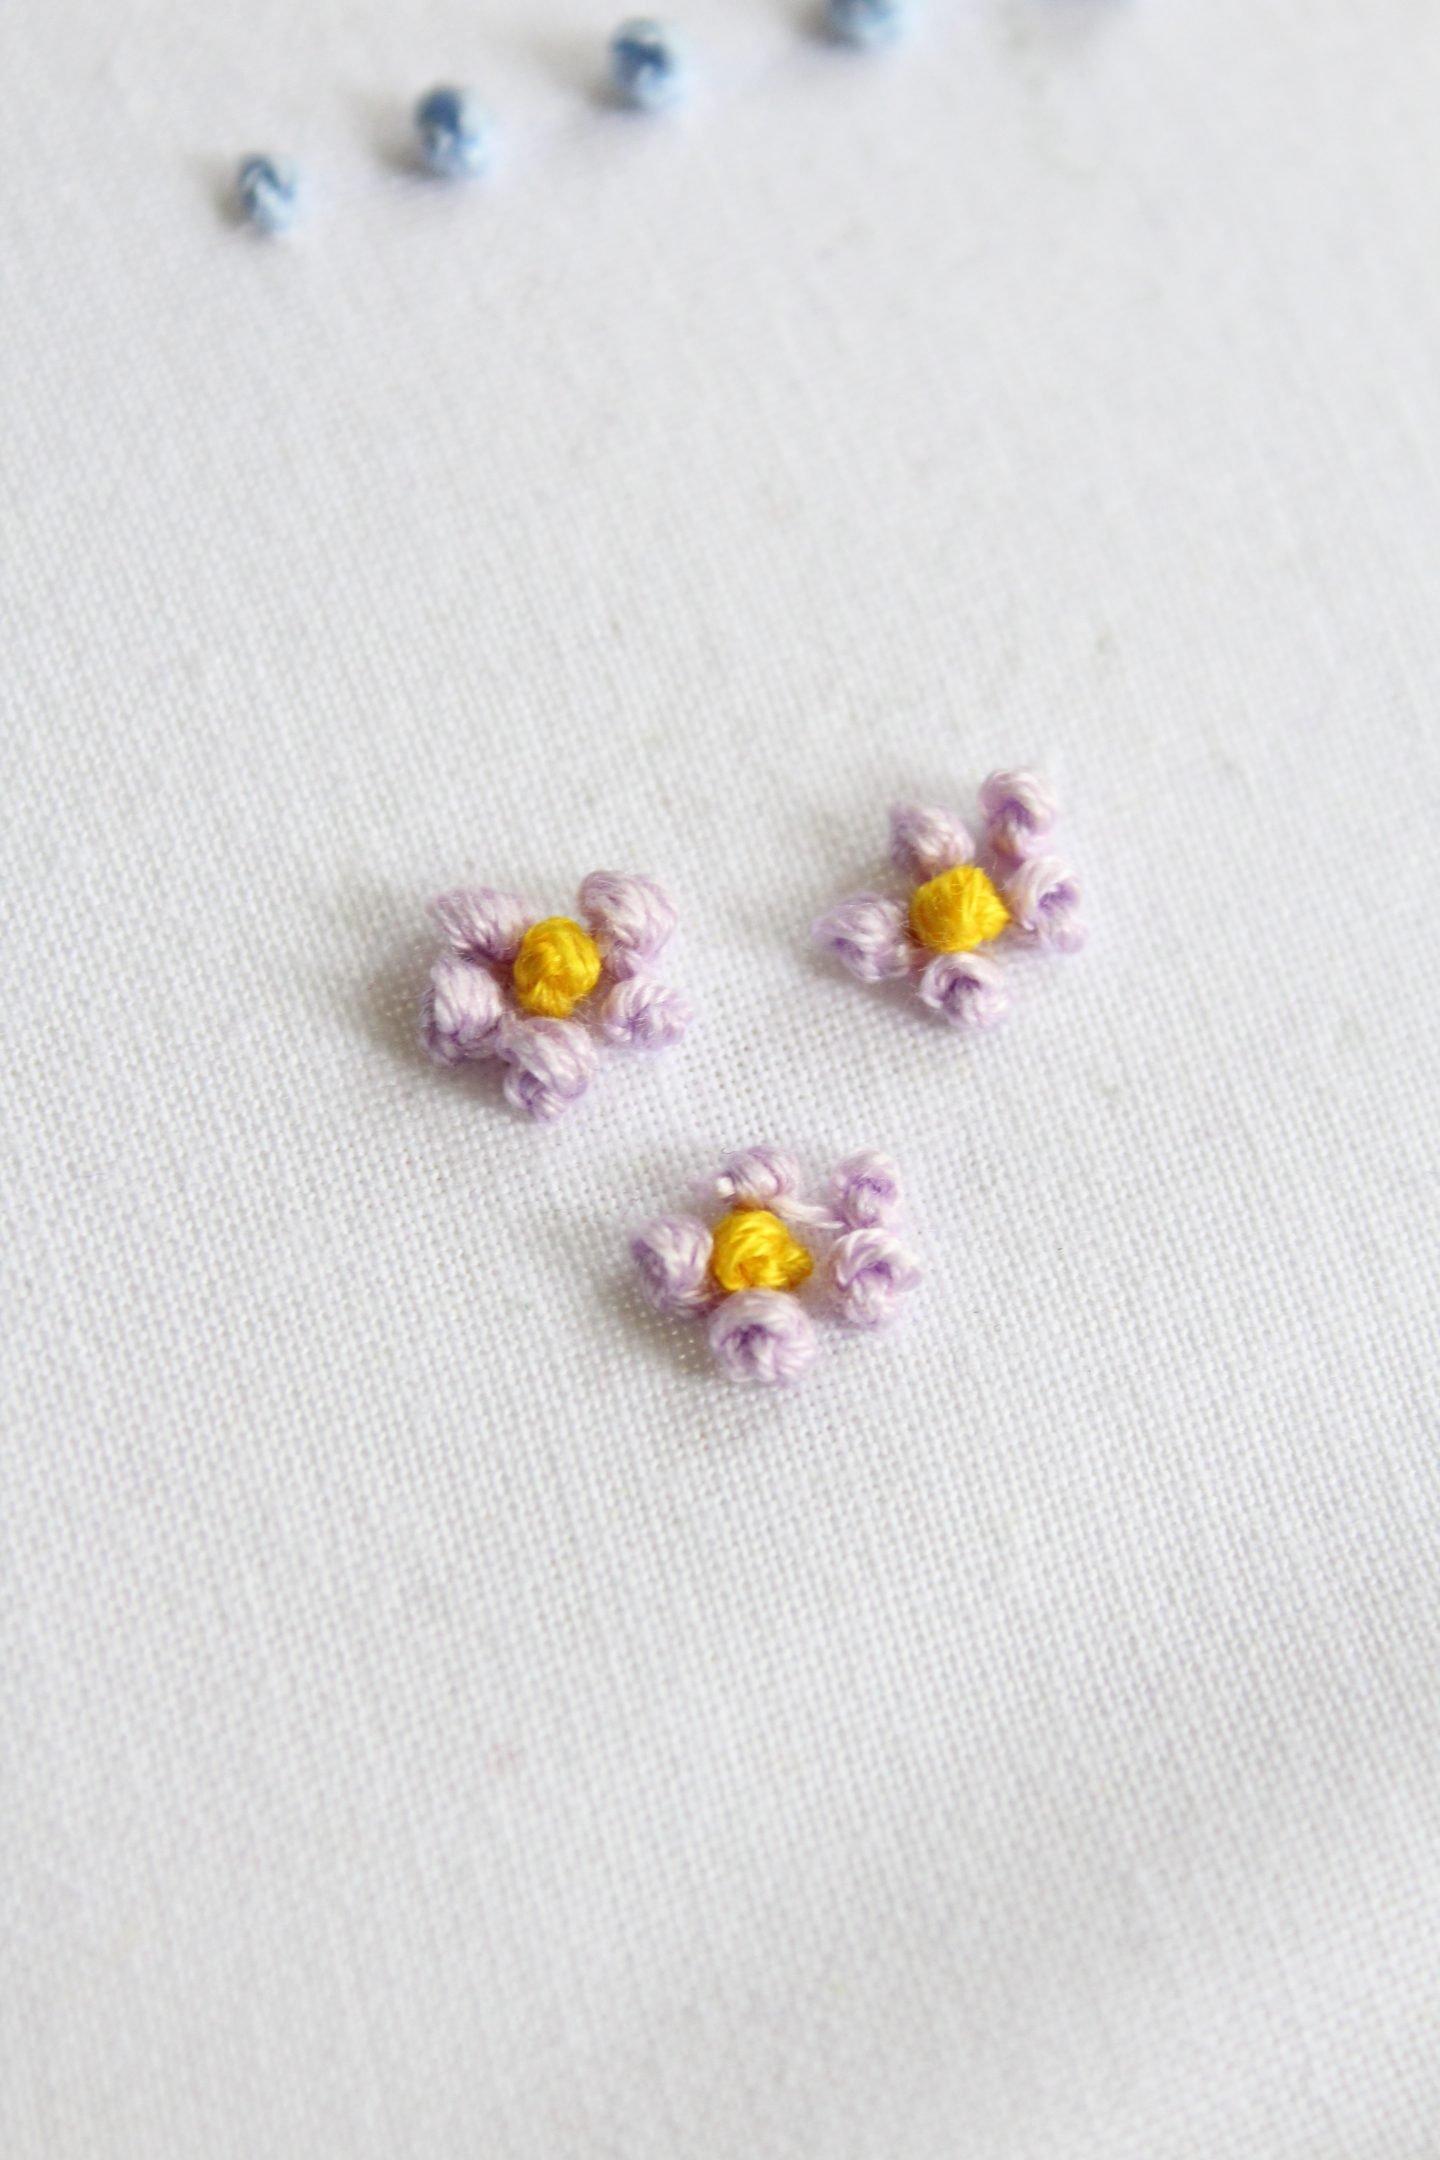 french knot stitch flower